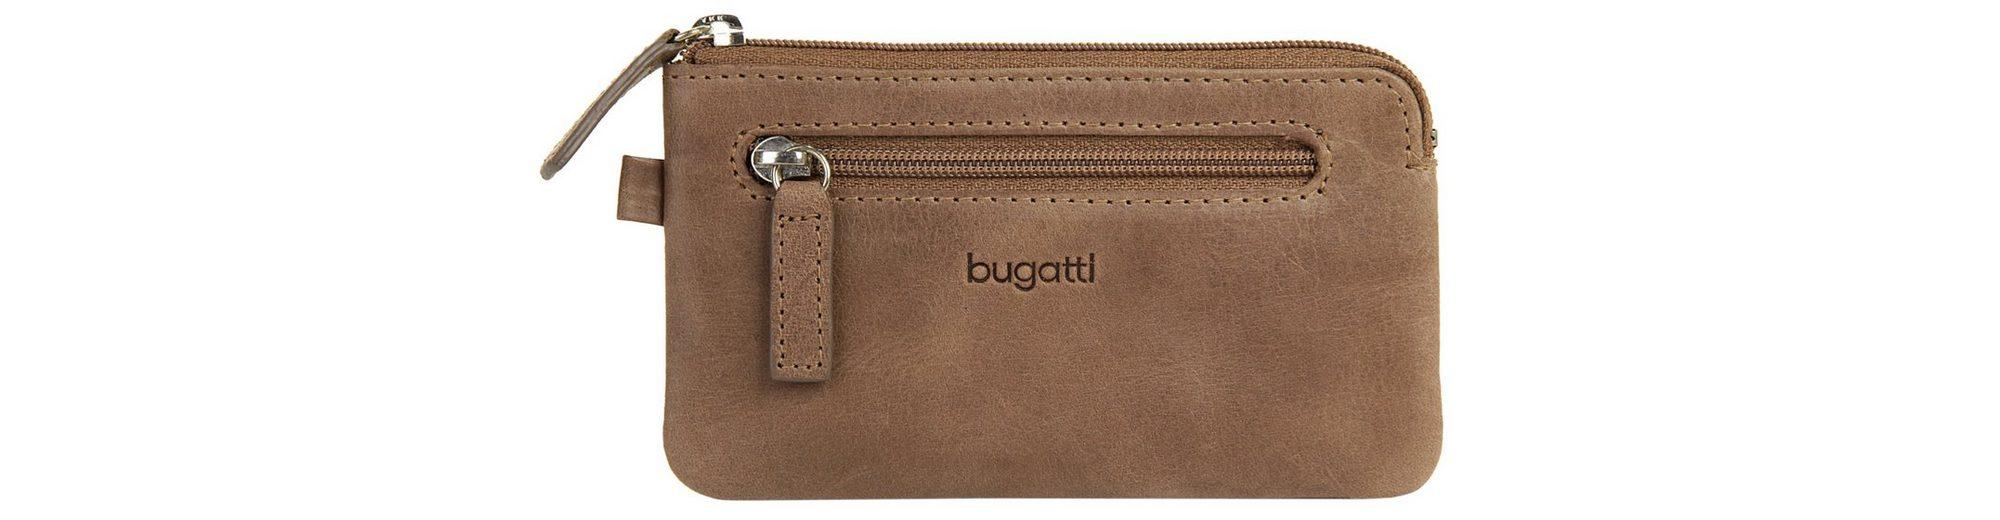 Bugatti Leder Schlüsseletui »Volo«